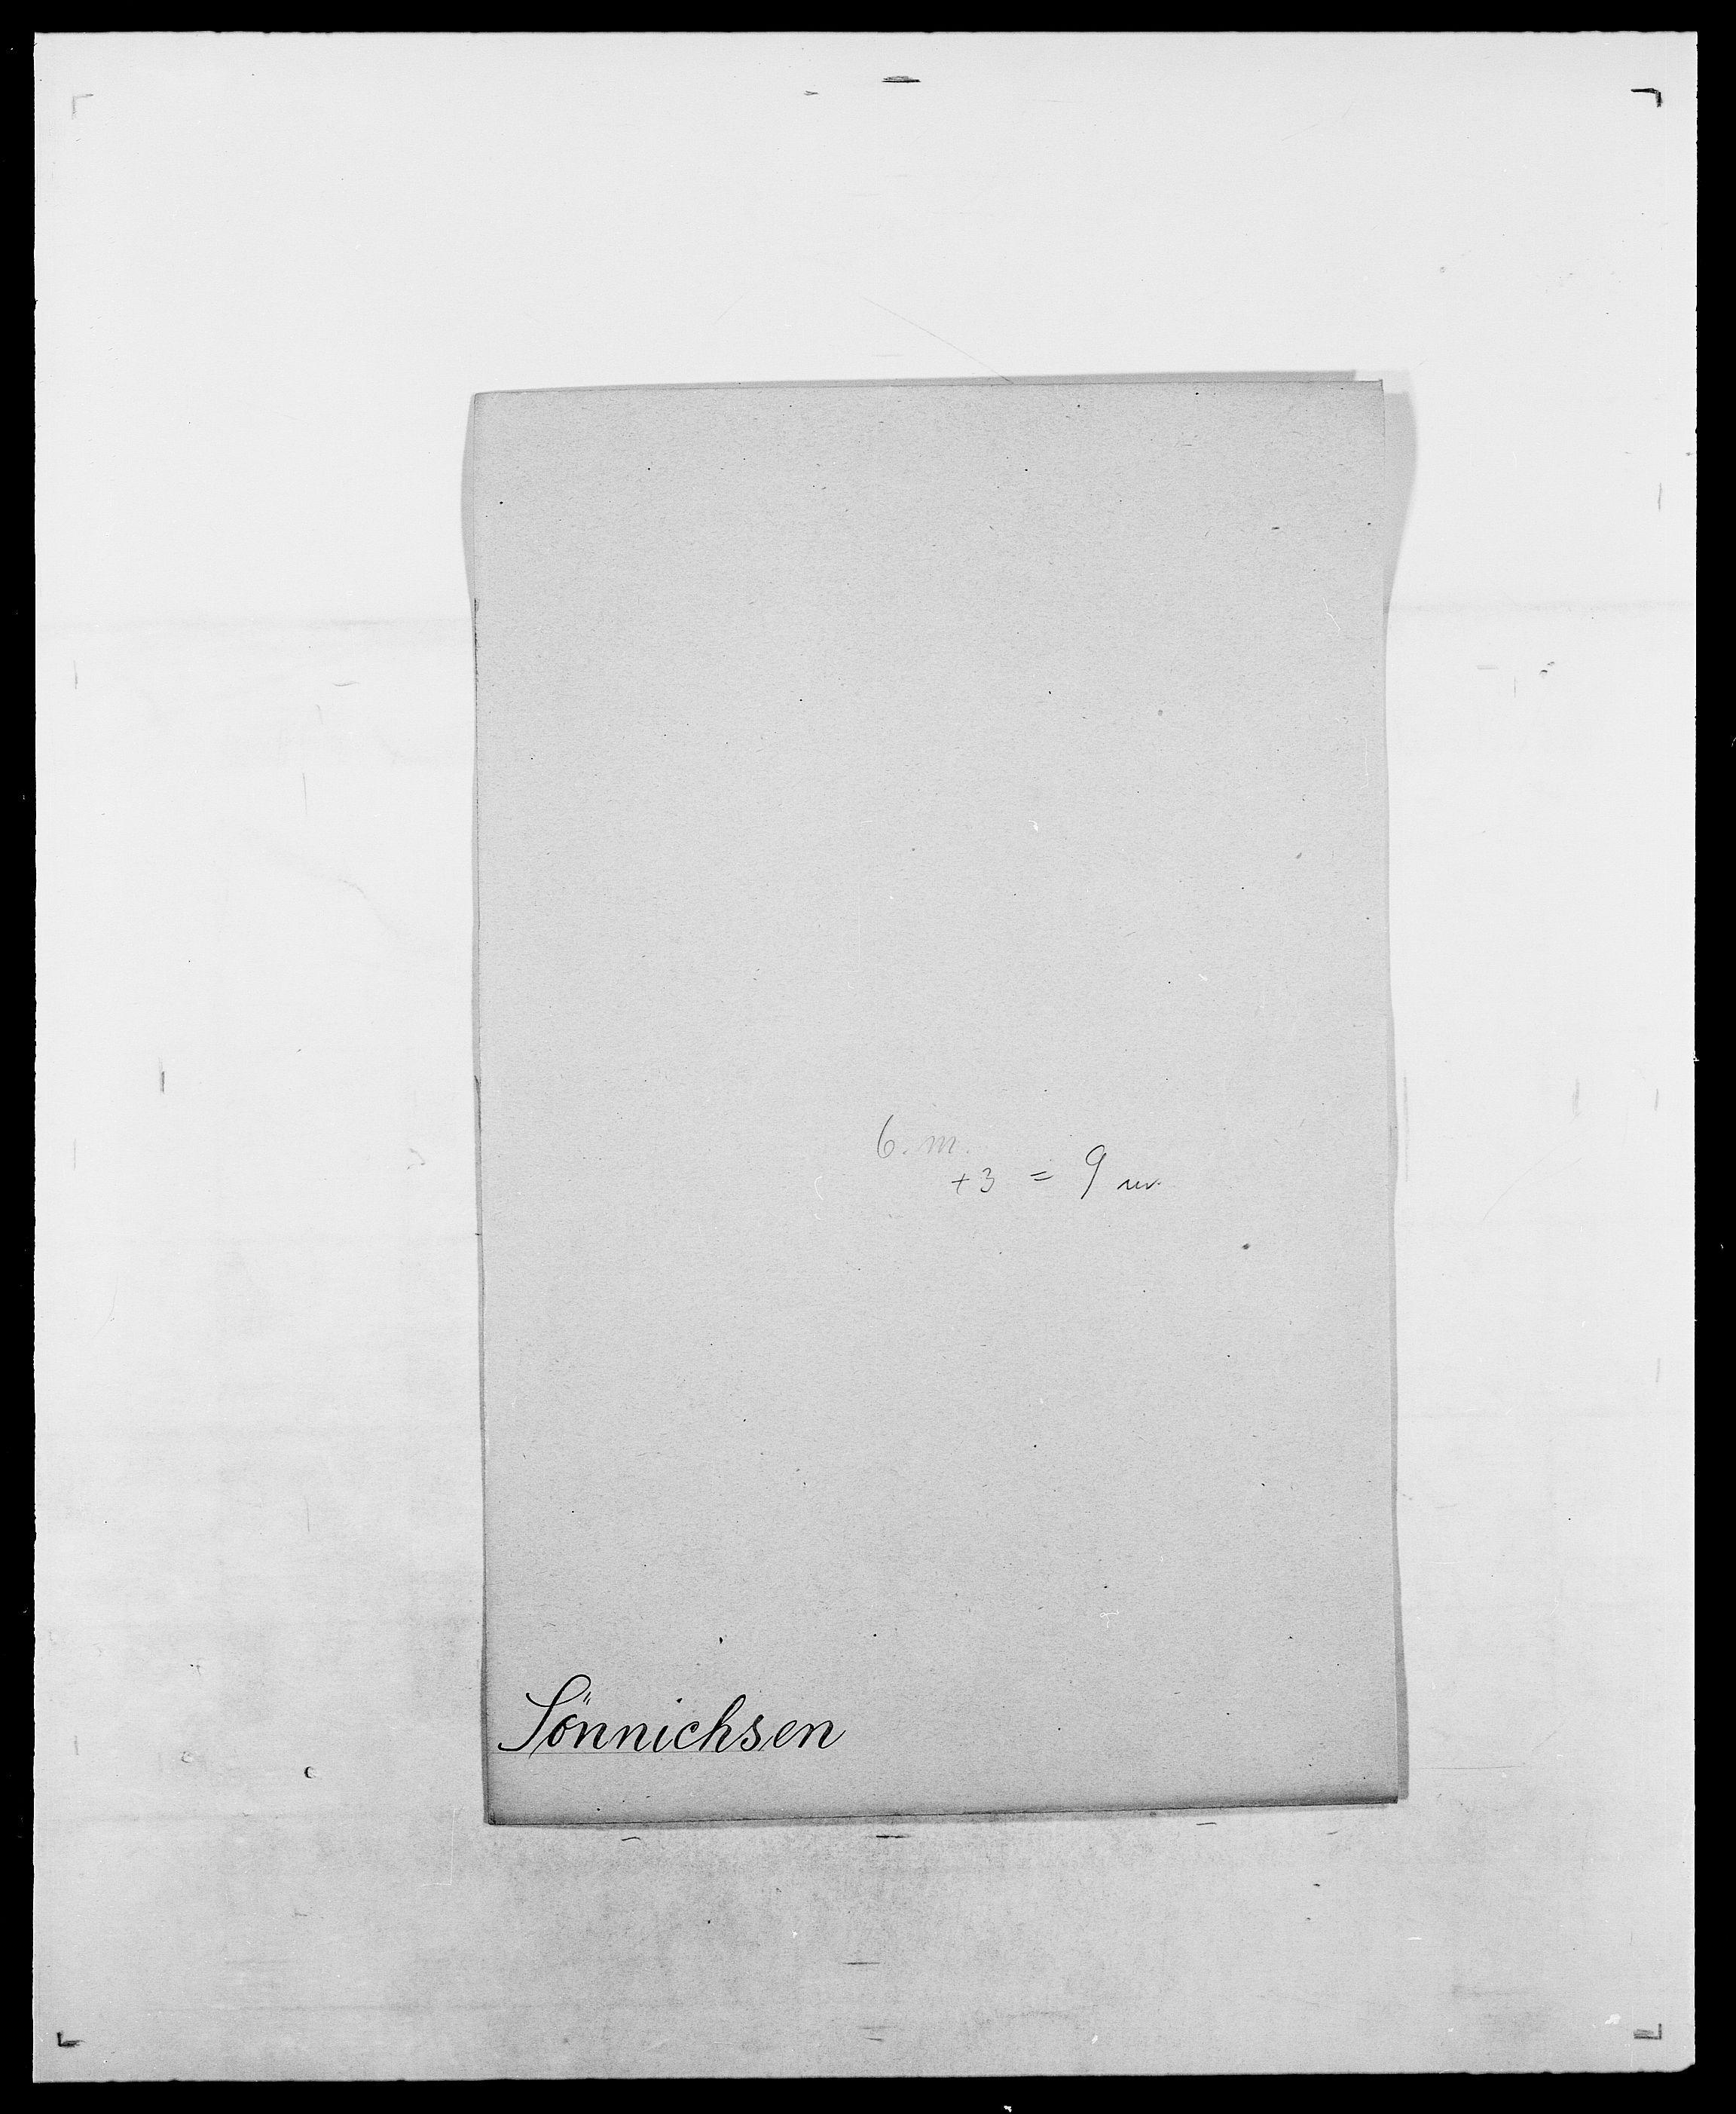 SAO, Delgobe, Charles Antoine - samling, D/Da/L0038: Svanenskjold - Thornsohn, s. 190